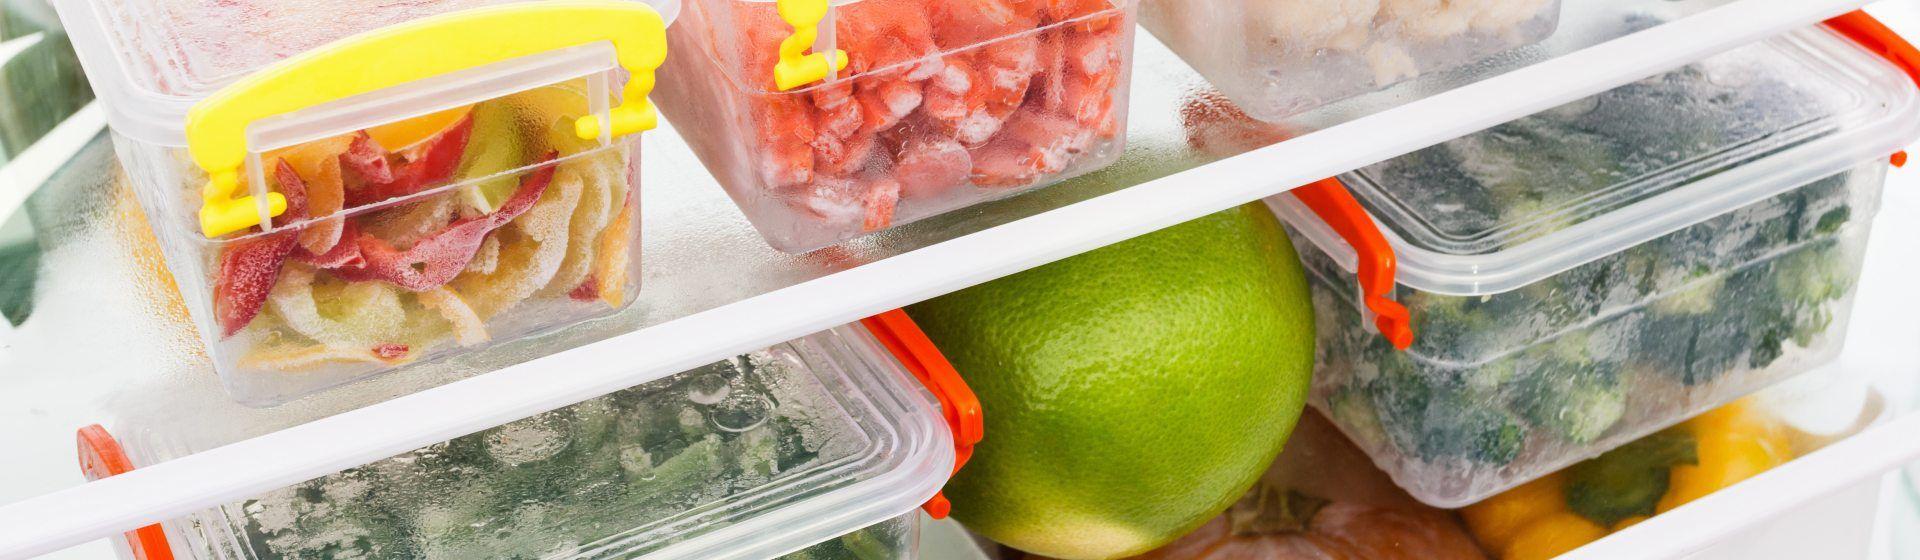 Qual o melhor freezer do mercado? Confira 8 opções para comprar em 2021